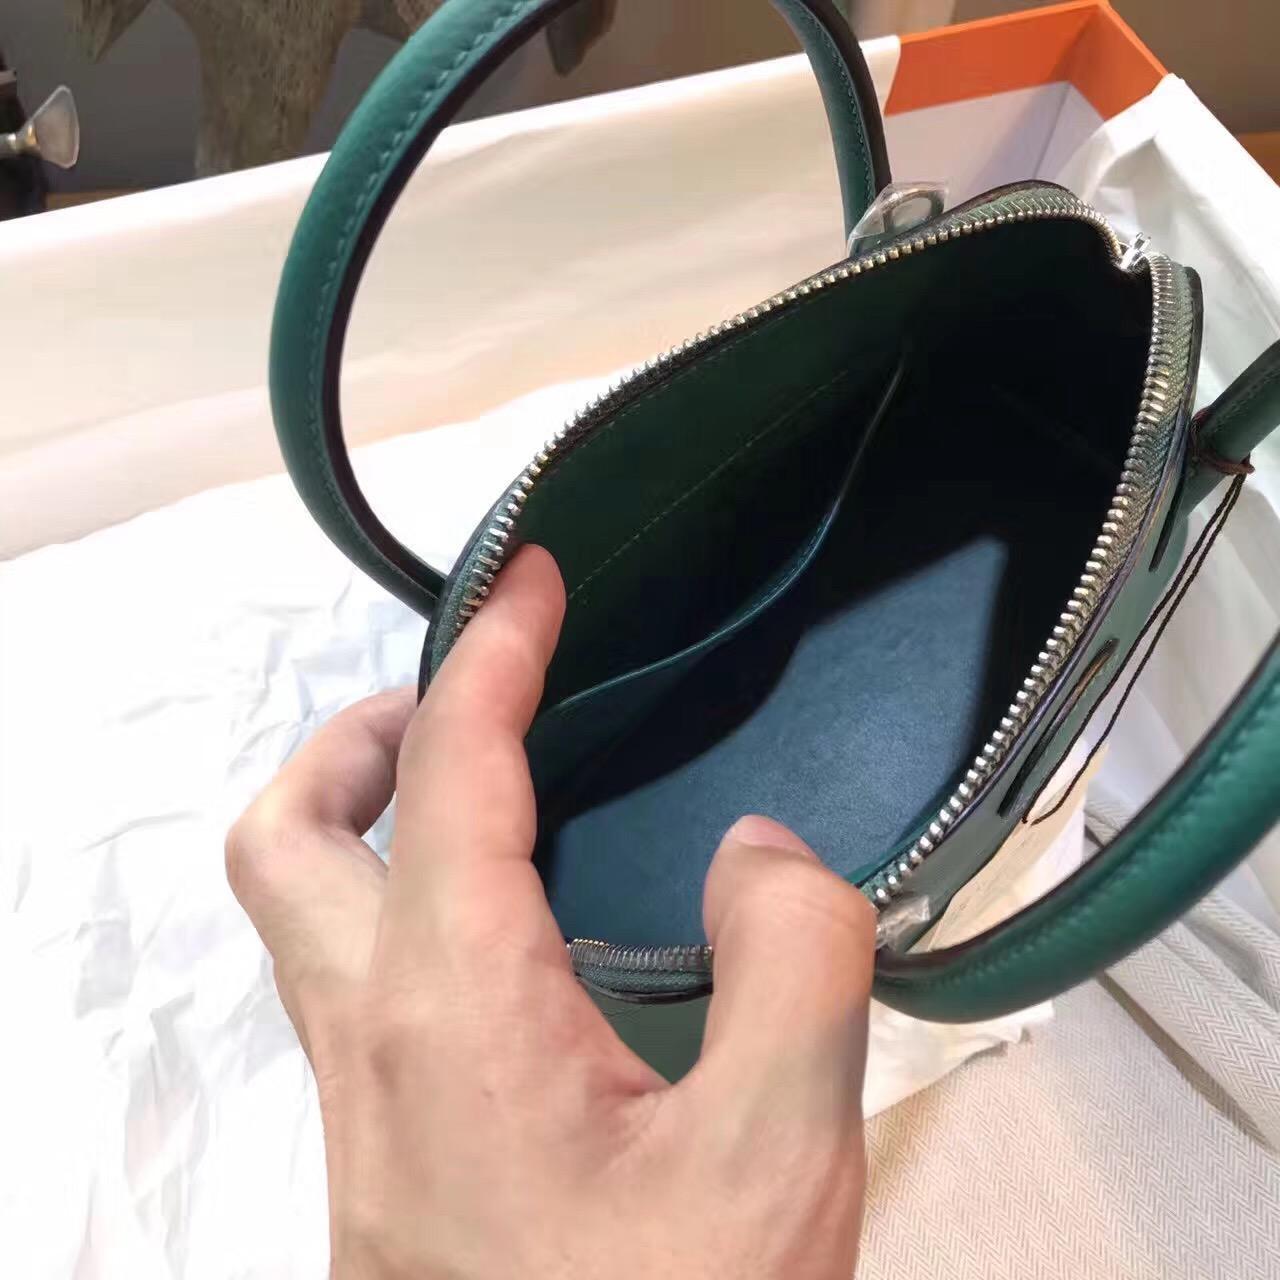 臺灣新北市汐止區 愛馬仕保齡球包 Hermes Bolide epsom皮 27cm Z6 孔雀綠 Malachite